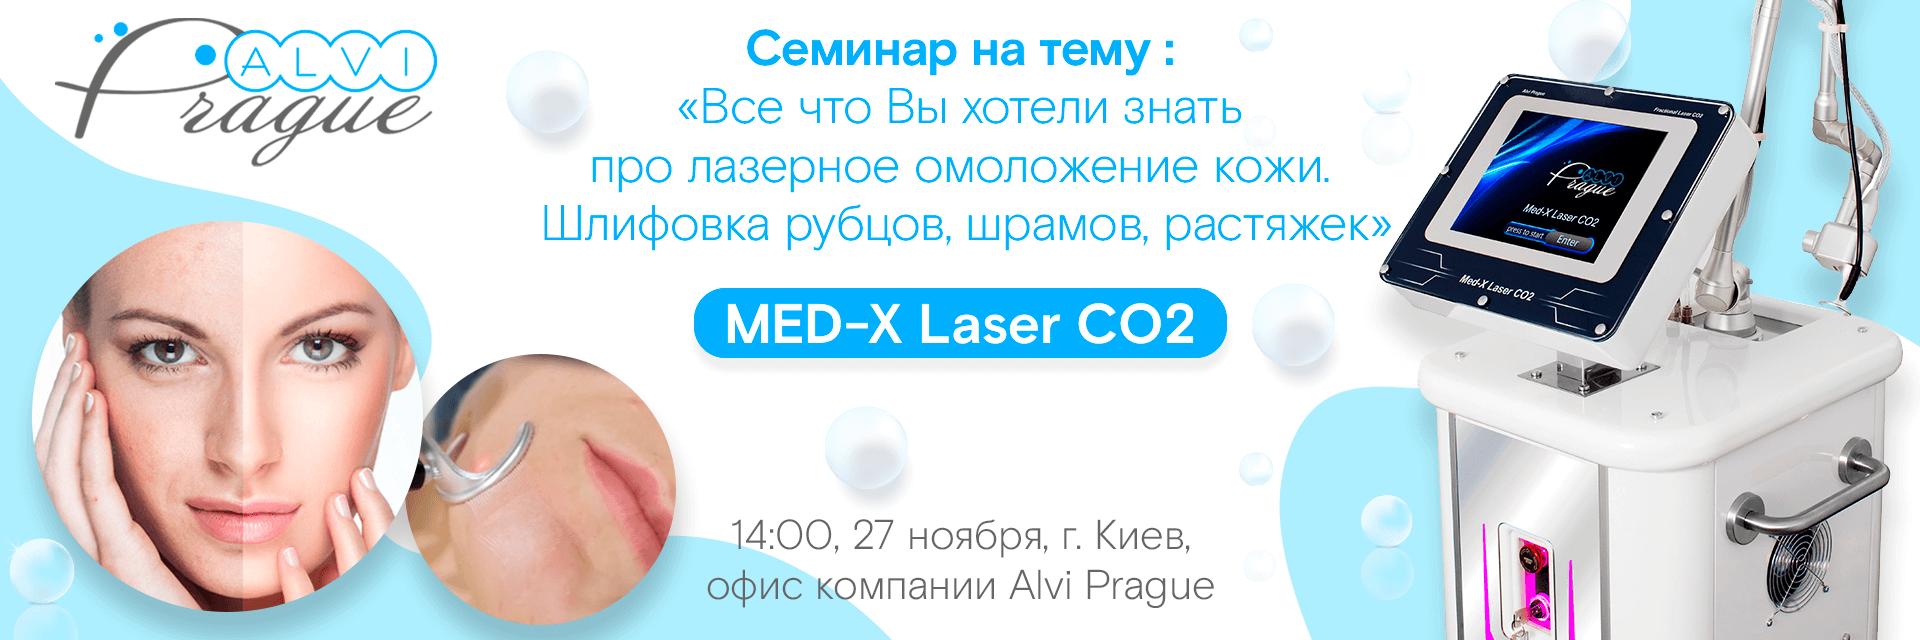 Семинар на тему - лазерное омоложение кожи на фракционном лазере MED-X Laser CO2